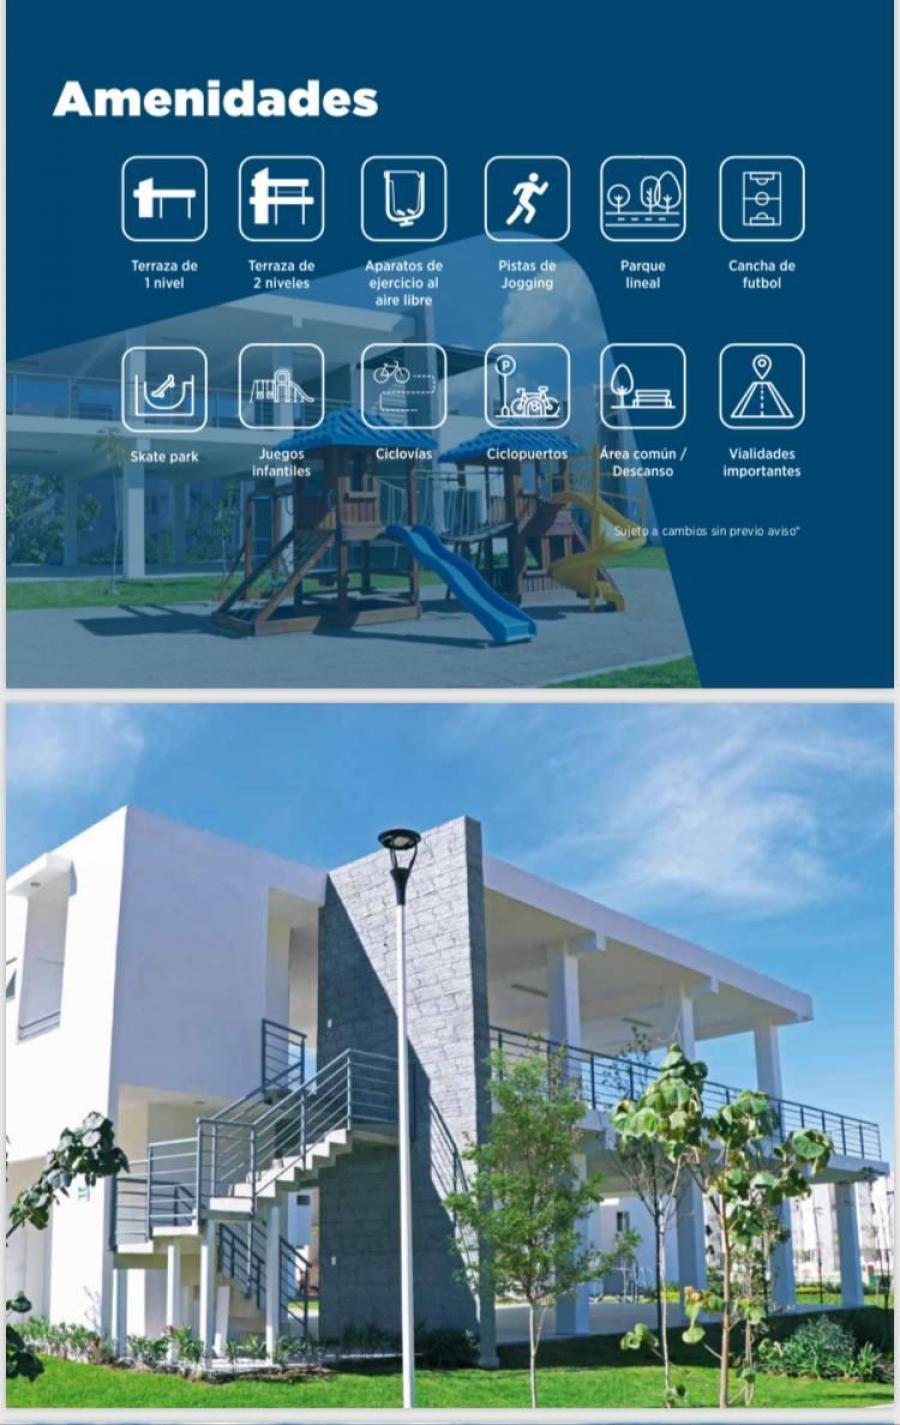 Foto Departamento en Venta en zapopan, 45200, Jalisco - $ 460.000 - DEV302364 - BienesOnLine